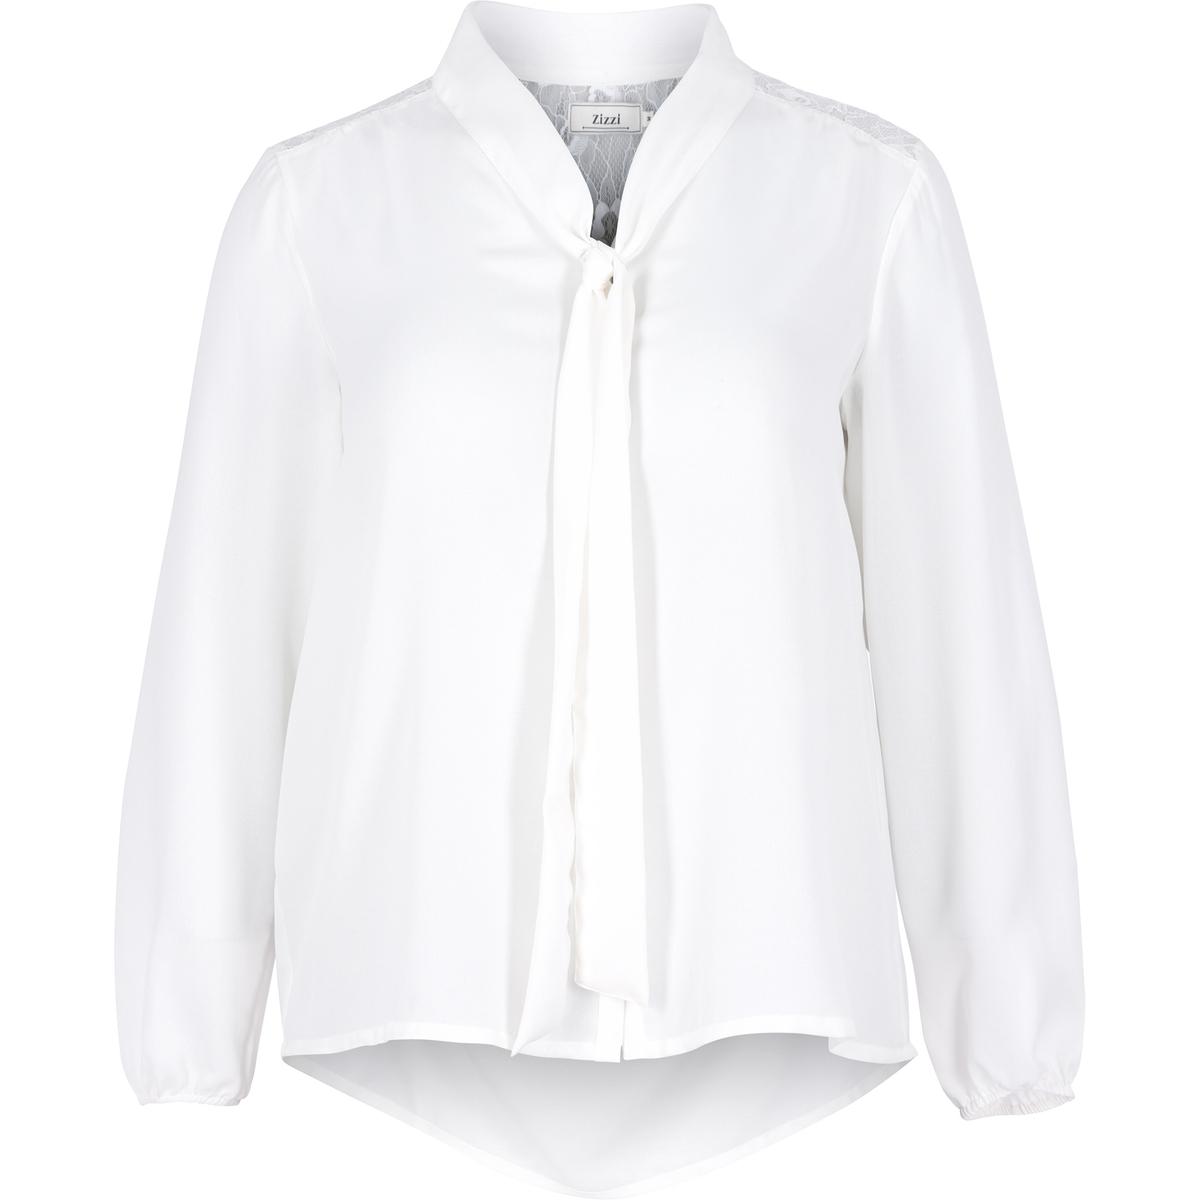 БлузкаБлузка с длинными рукавами ZIZZI. 100% полиэстер. Симпатичная блузка с длинными рукавами и с воротником-лавальер . Верх спинки из красивого кружева . Небольшие пуговицы спереди. Слегка присборенные рукава  .<br><br>Цвет: белый,черный<br>Размер: 50/52 (FR) - 56/58 (RUS)